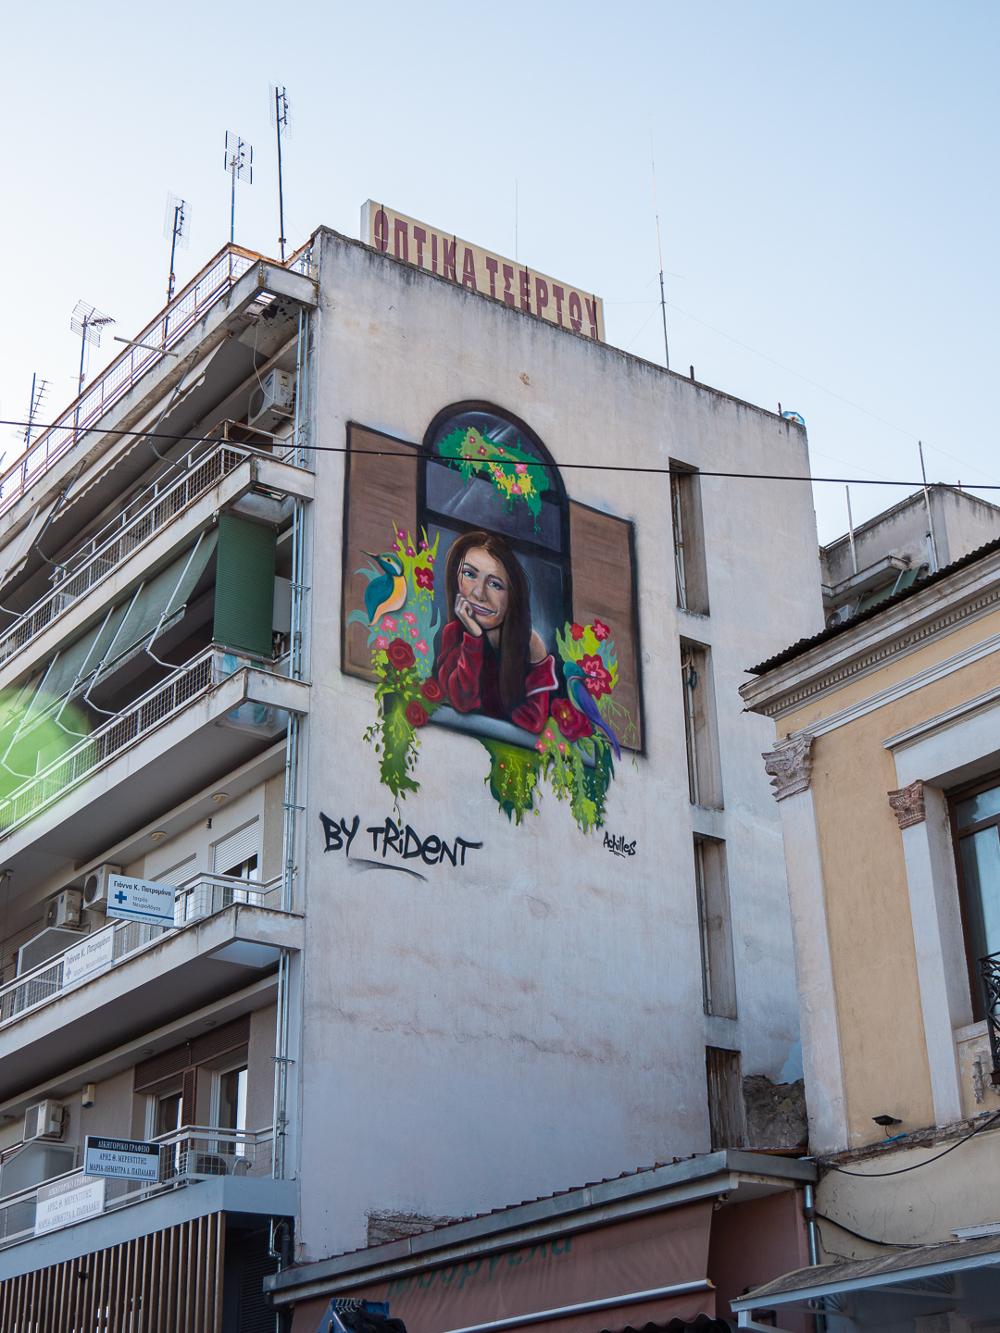 Ένας ολόκληρος τοίχος πολυκατοικίας στα Τρίκαλα γέμισε «χαμόγελα»